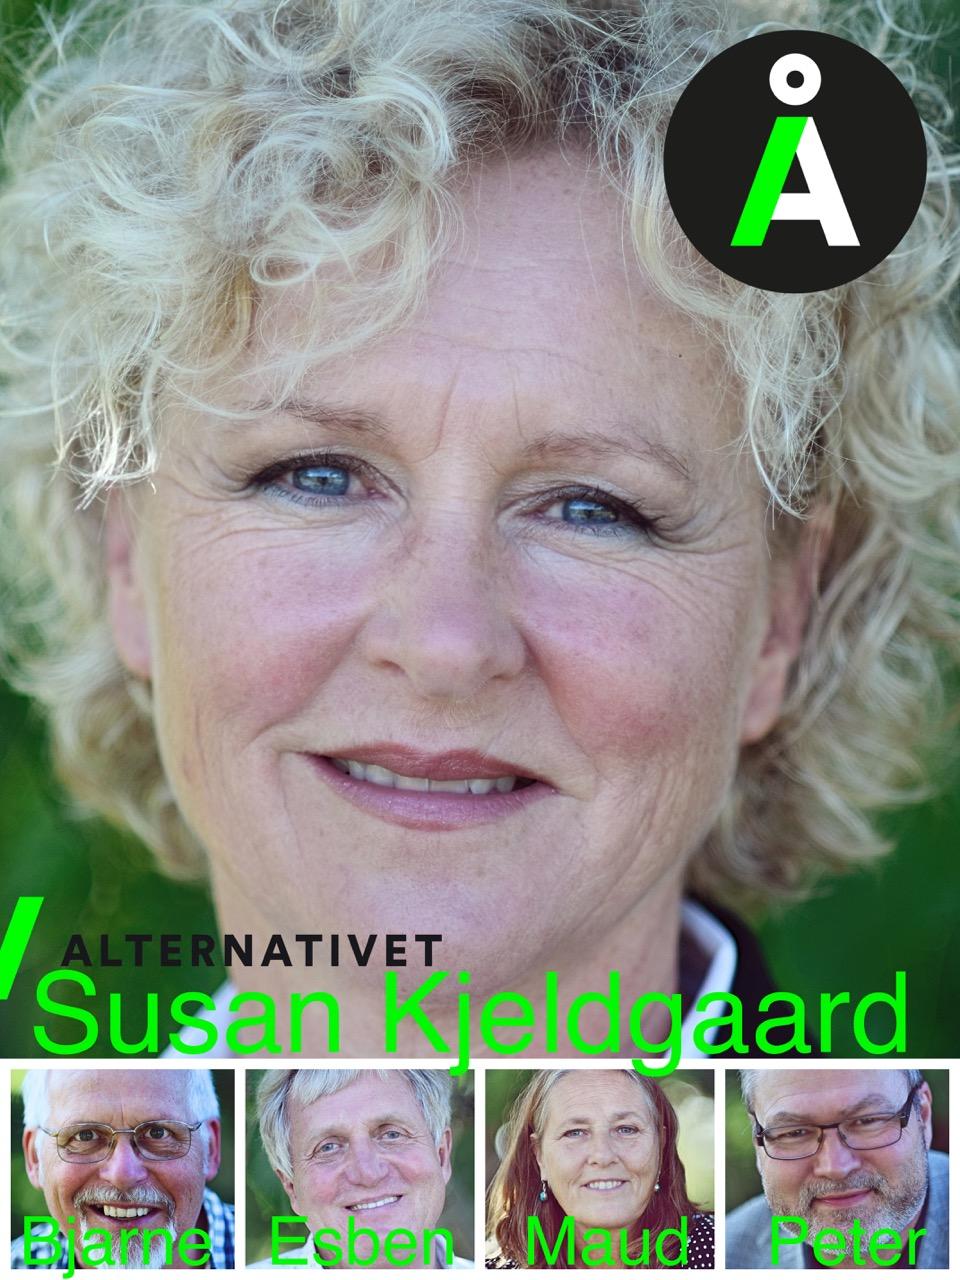 alternativet Susan fællesplakat ny serie 1